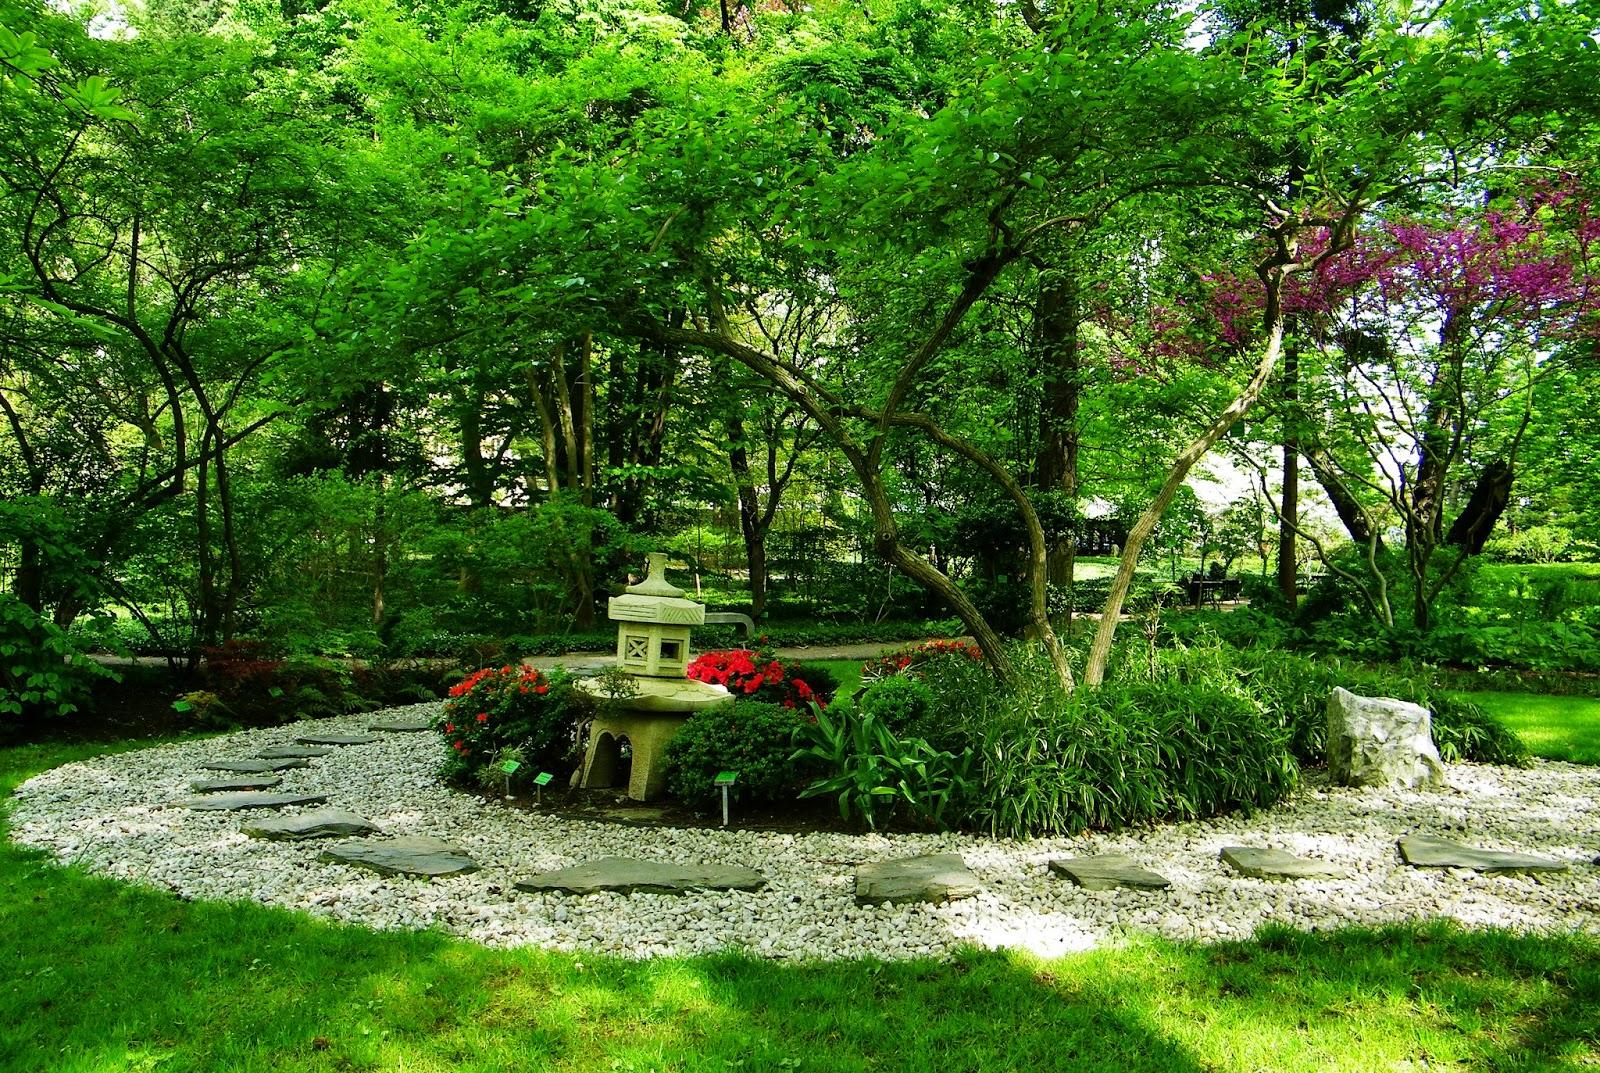 Ścieżka japońska w ogrodzie botanicznym